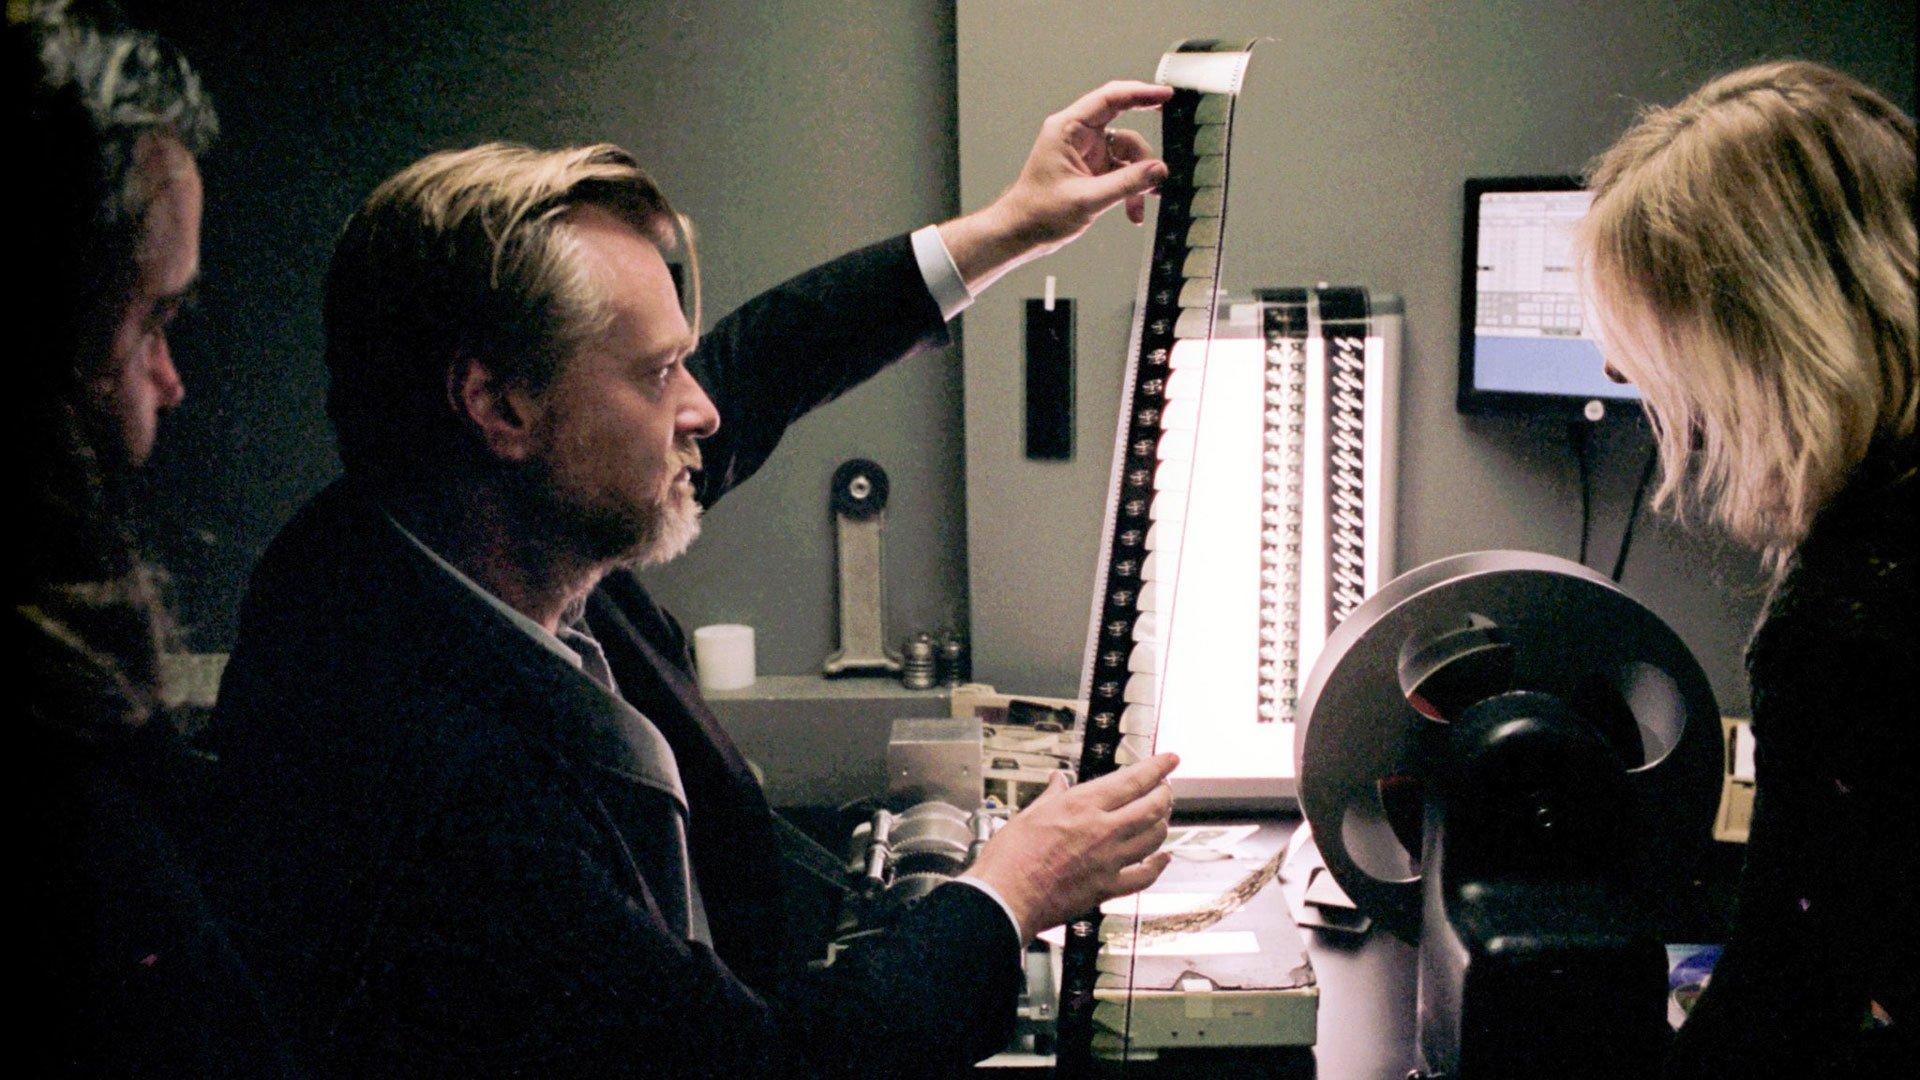 کریستوفر نولان احتمالا دیگر با برادران وارنر برای ساخت فیلم همکاری نمیکند